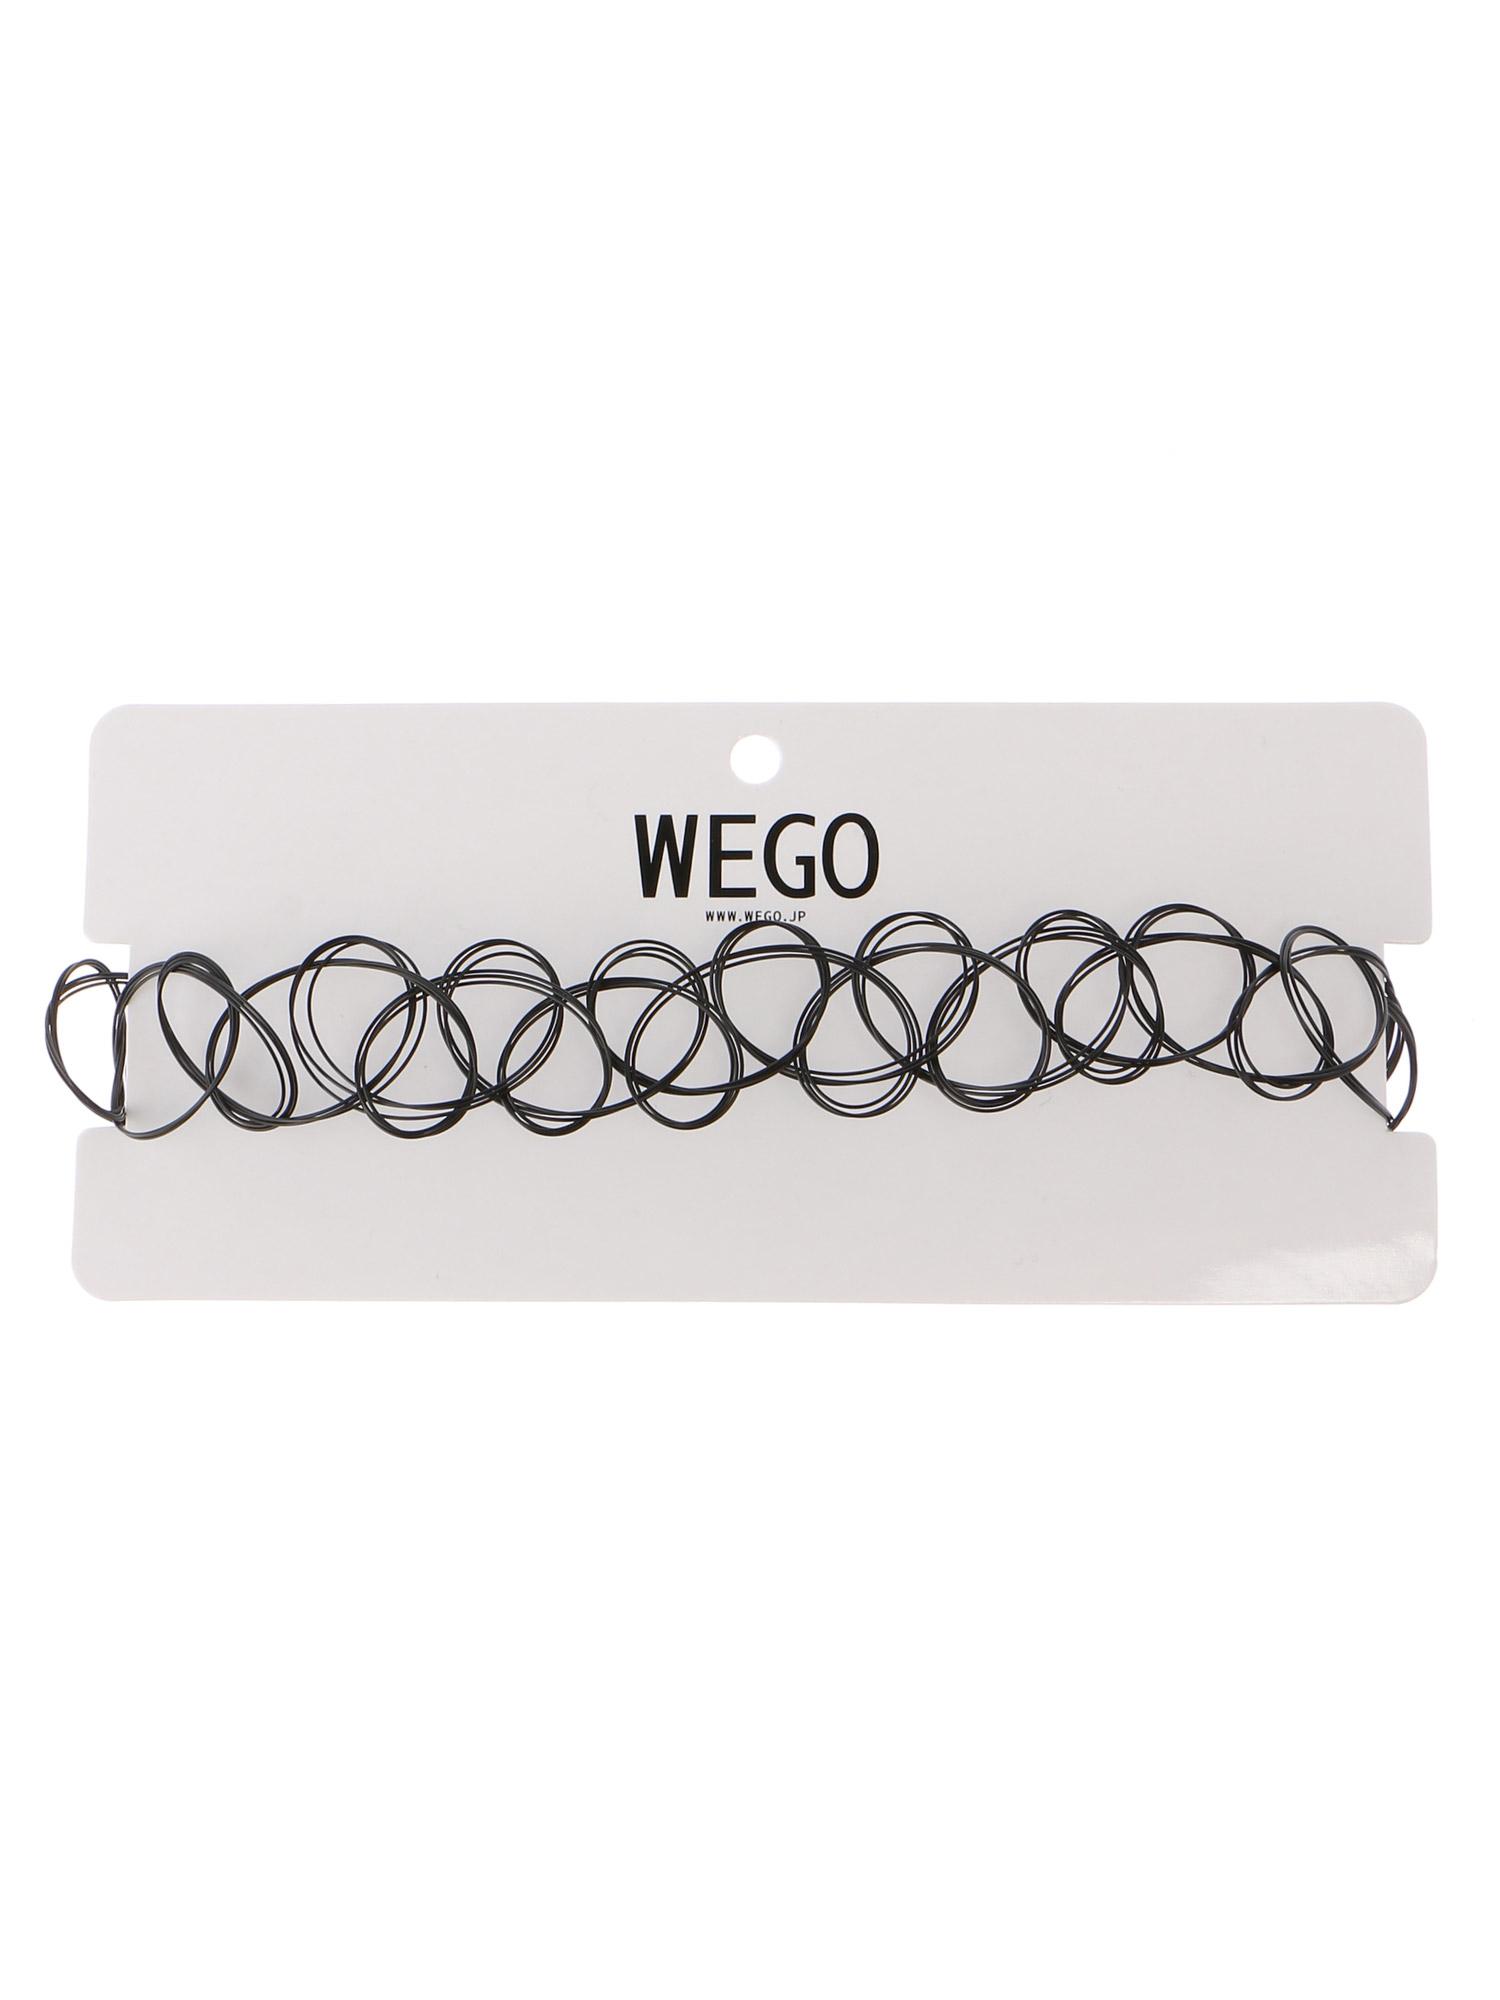 WEGO/太タトゥーチョーカー